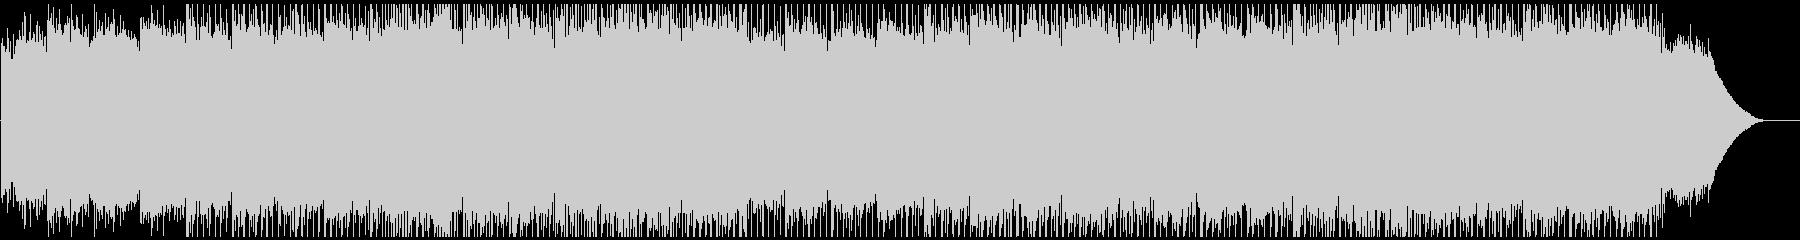 爽やかさ溢れるピアノの未再生の波形